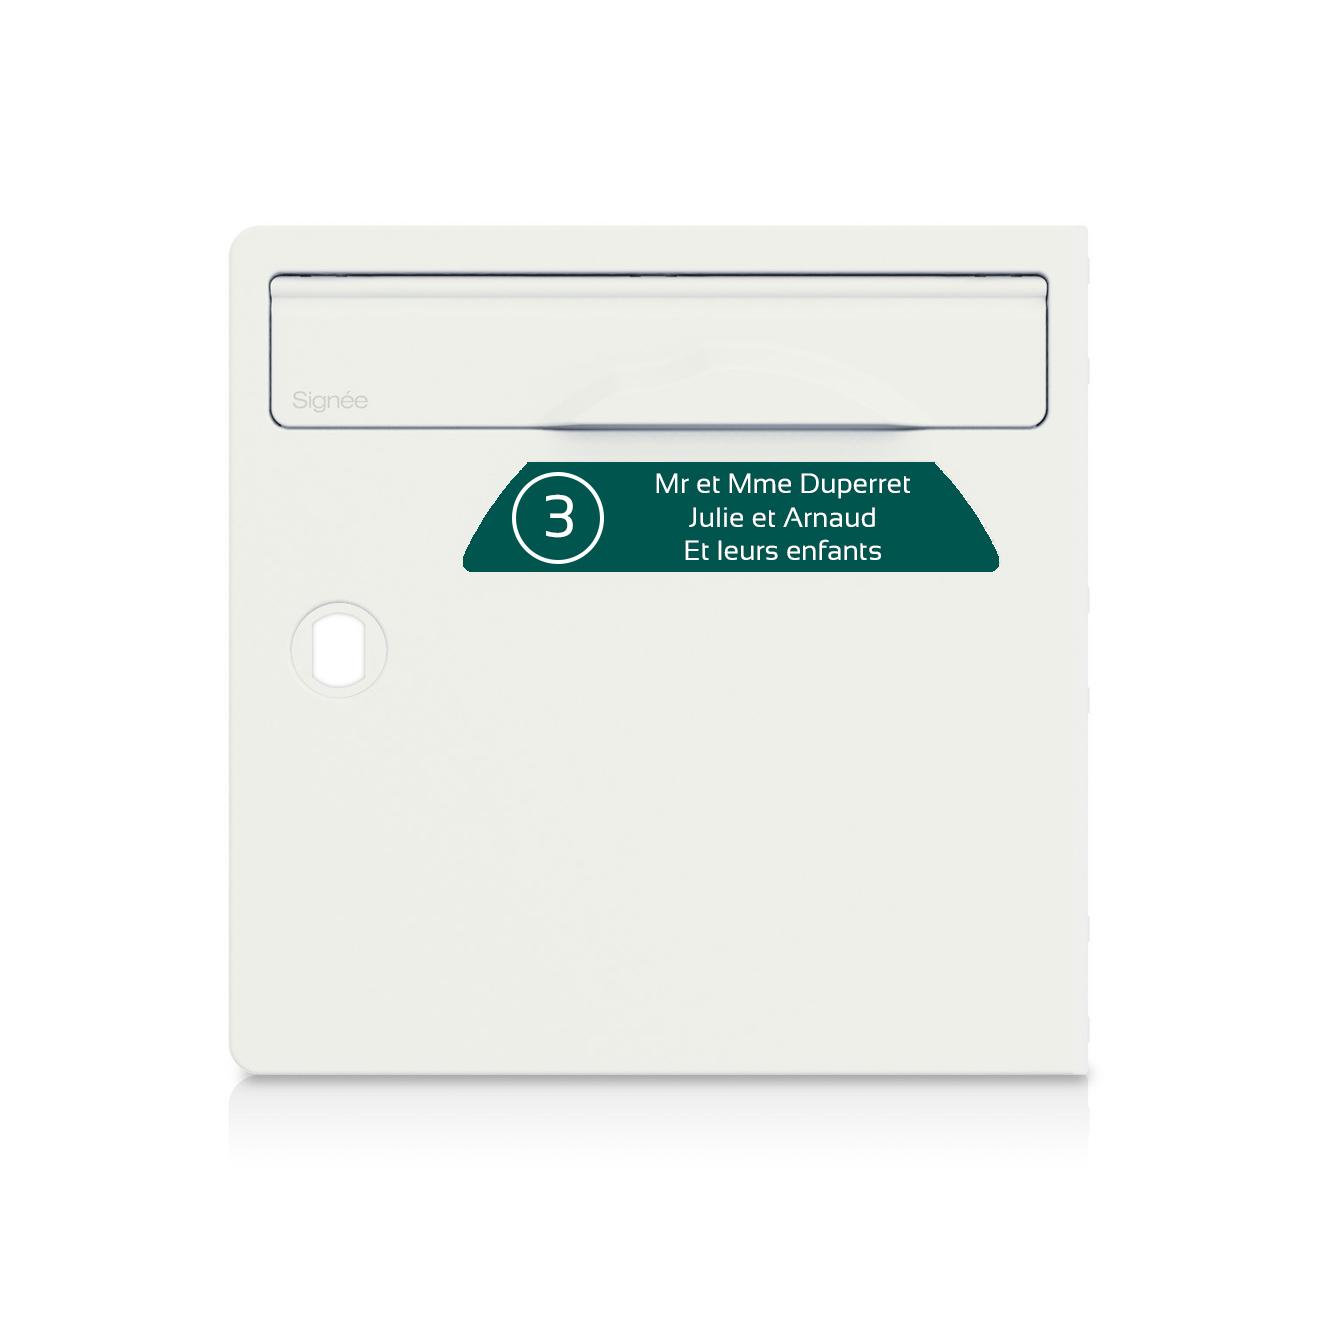 Plaque boite aux lettres Signée NUMERO vert foncé lettres blanches - 3 lignes